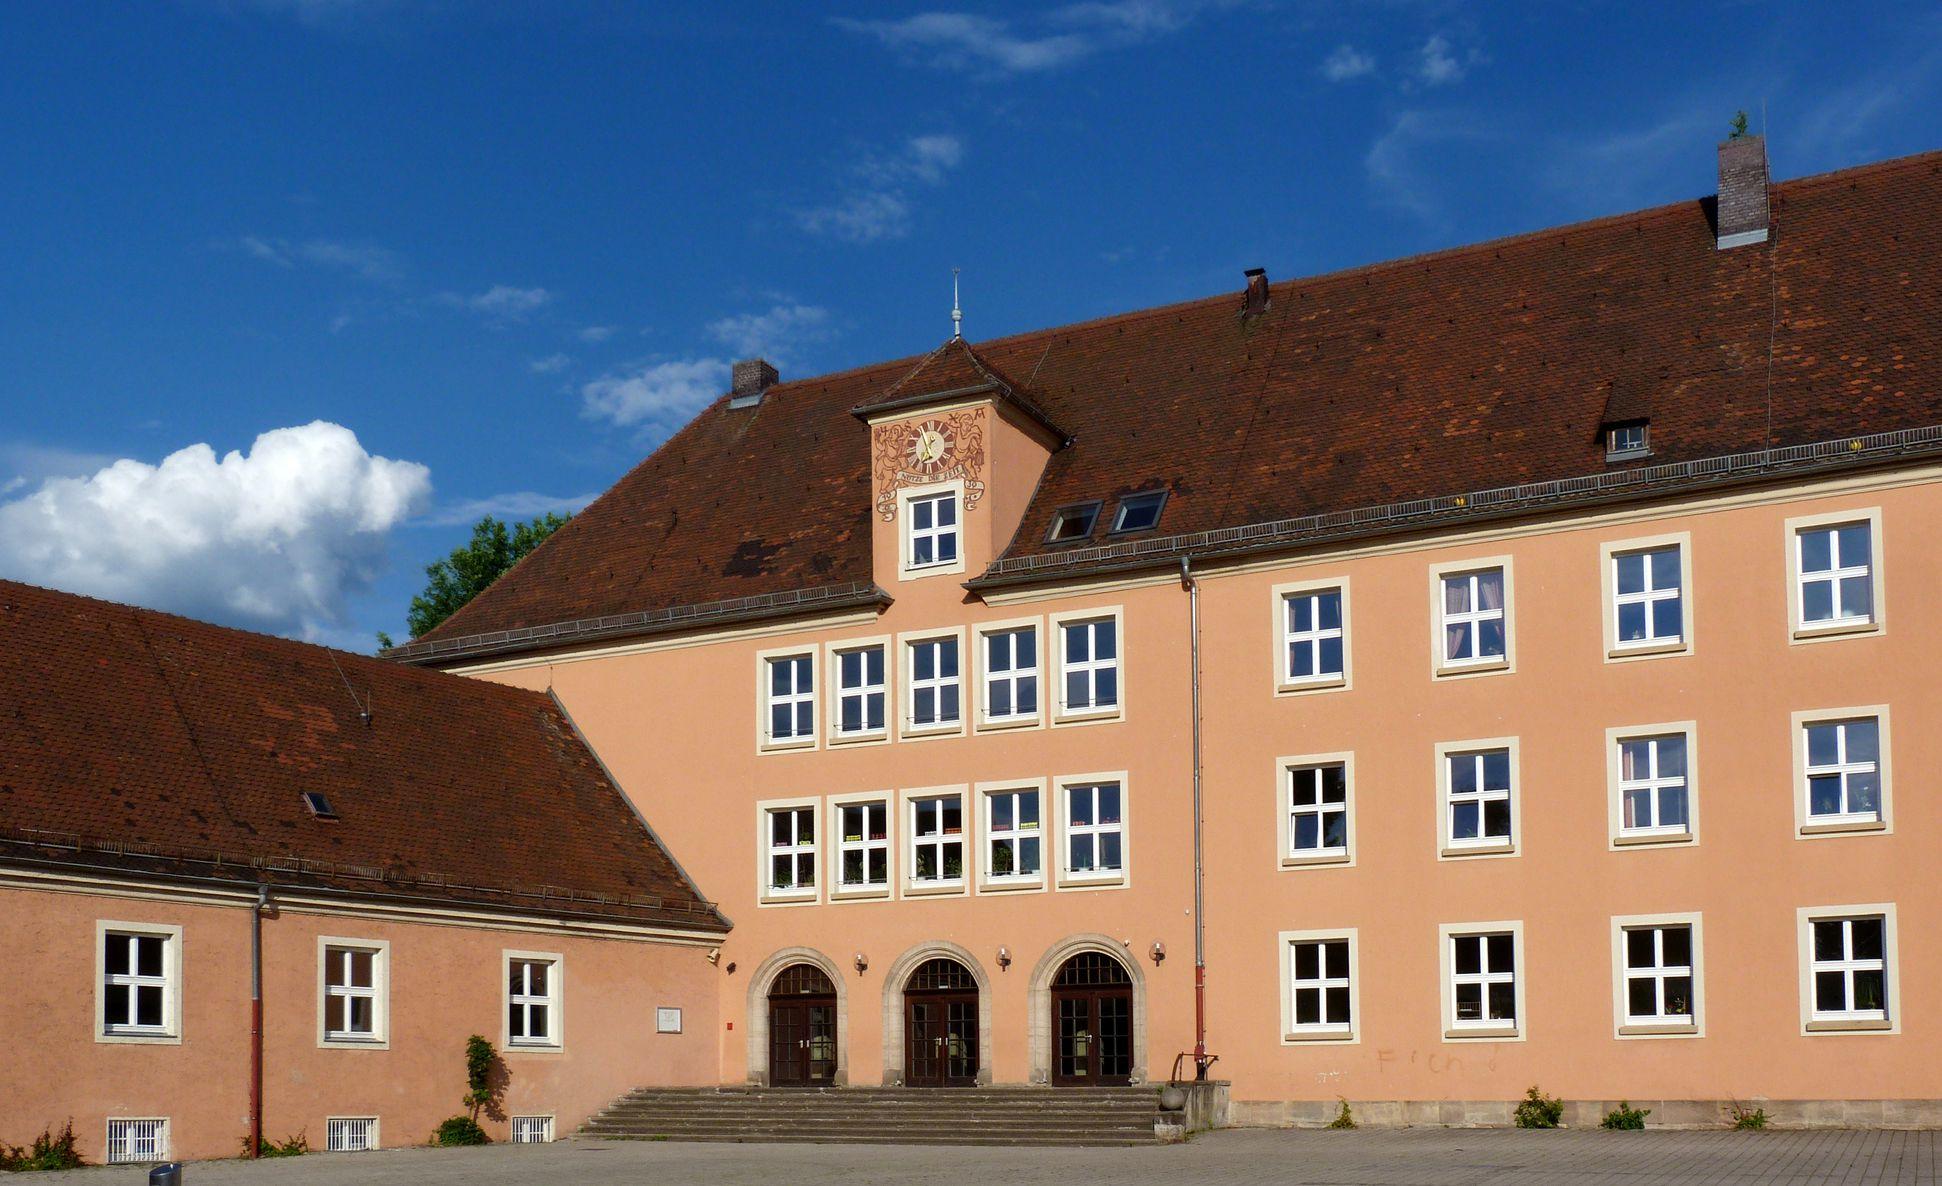 Konrad-Groß-Schule Hofseite mit Eingang